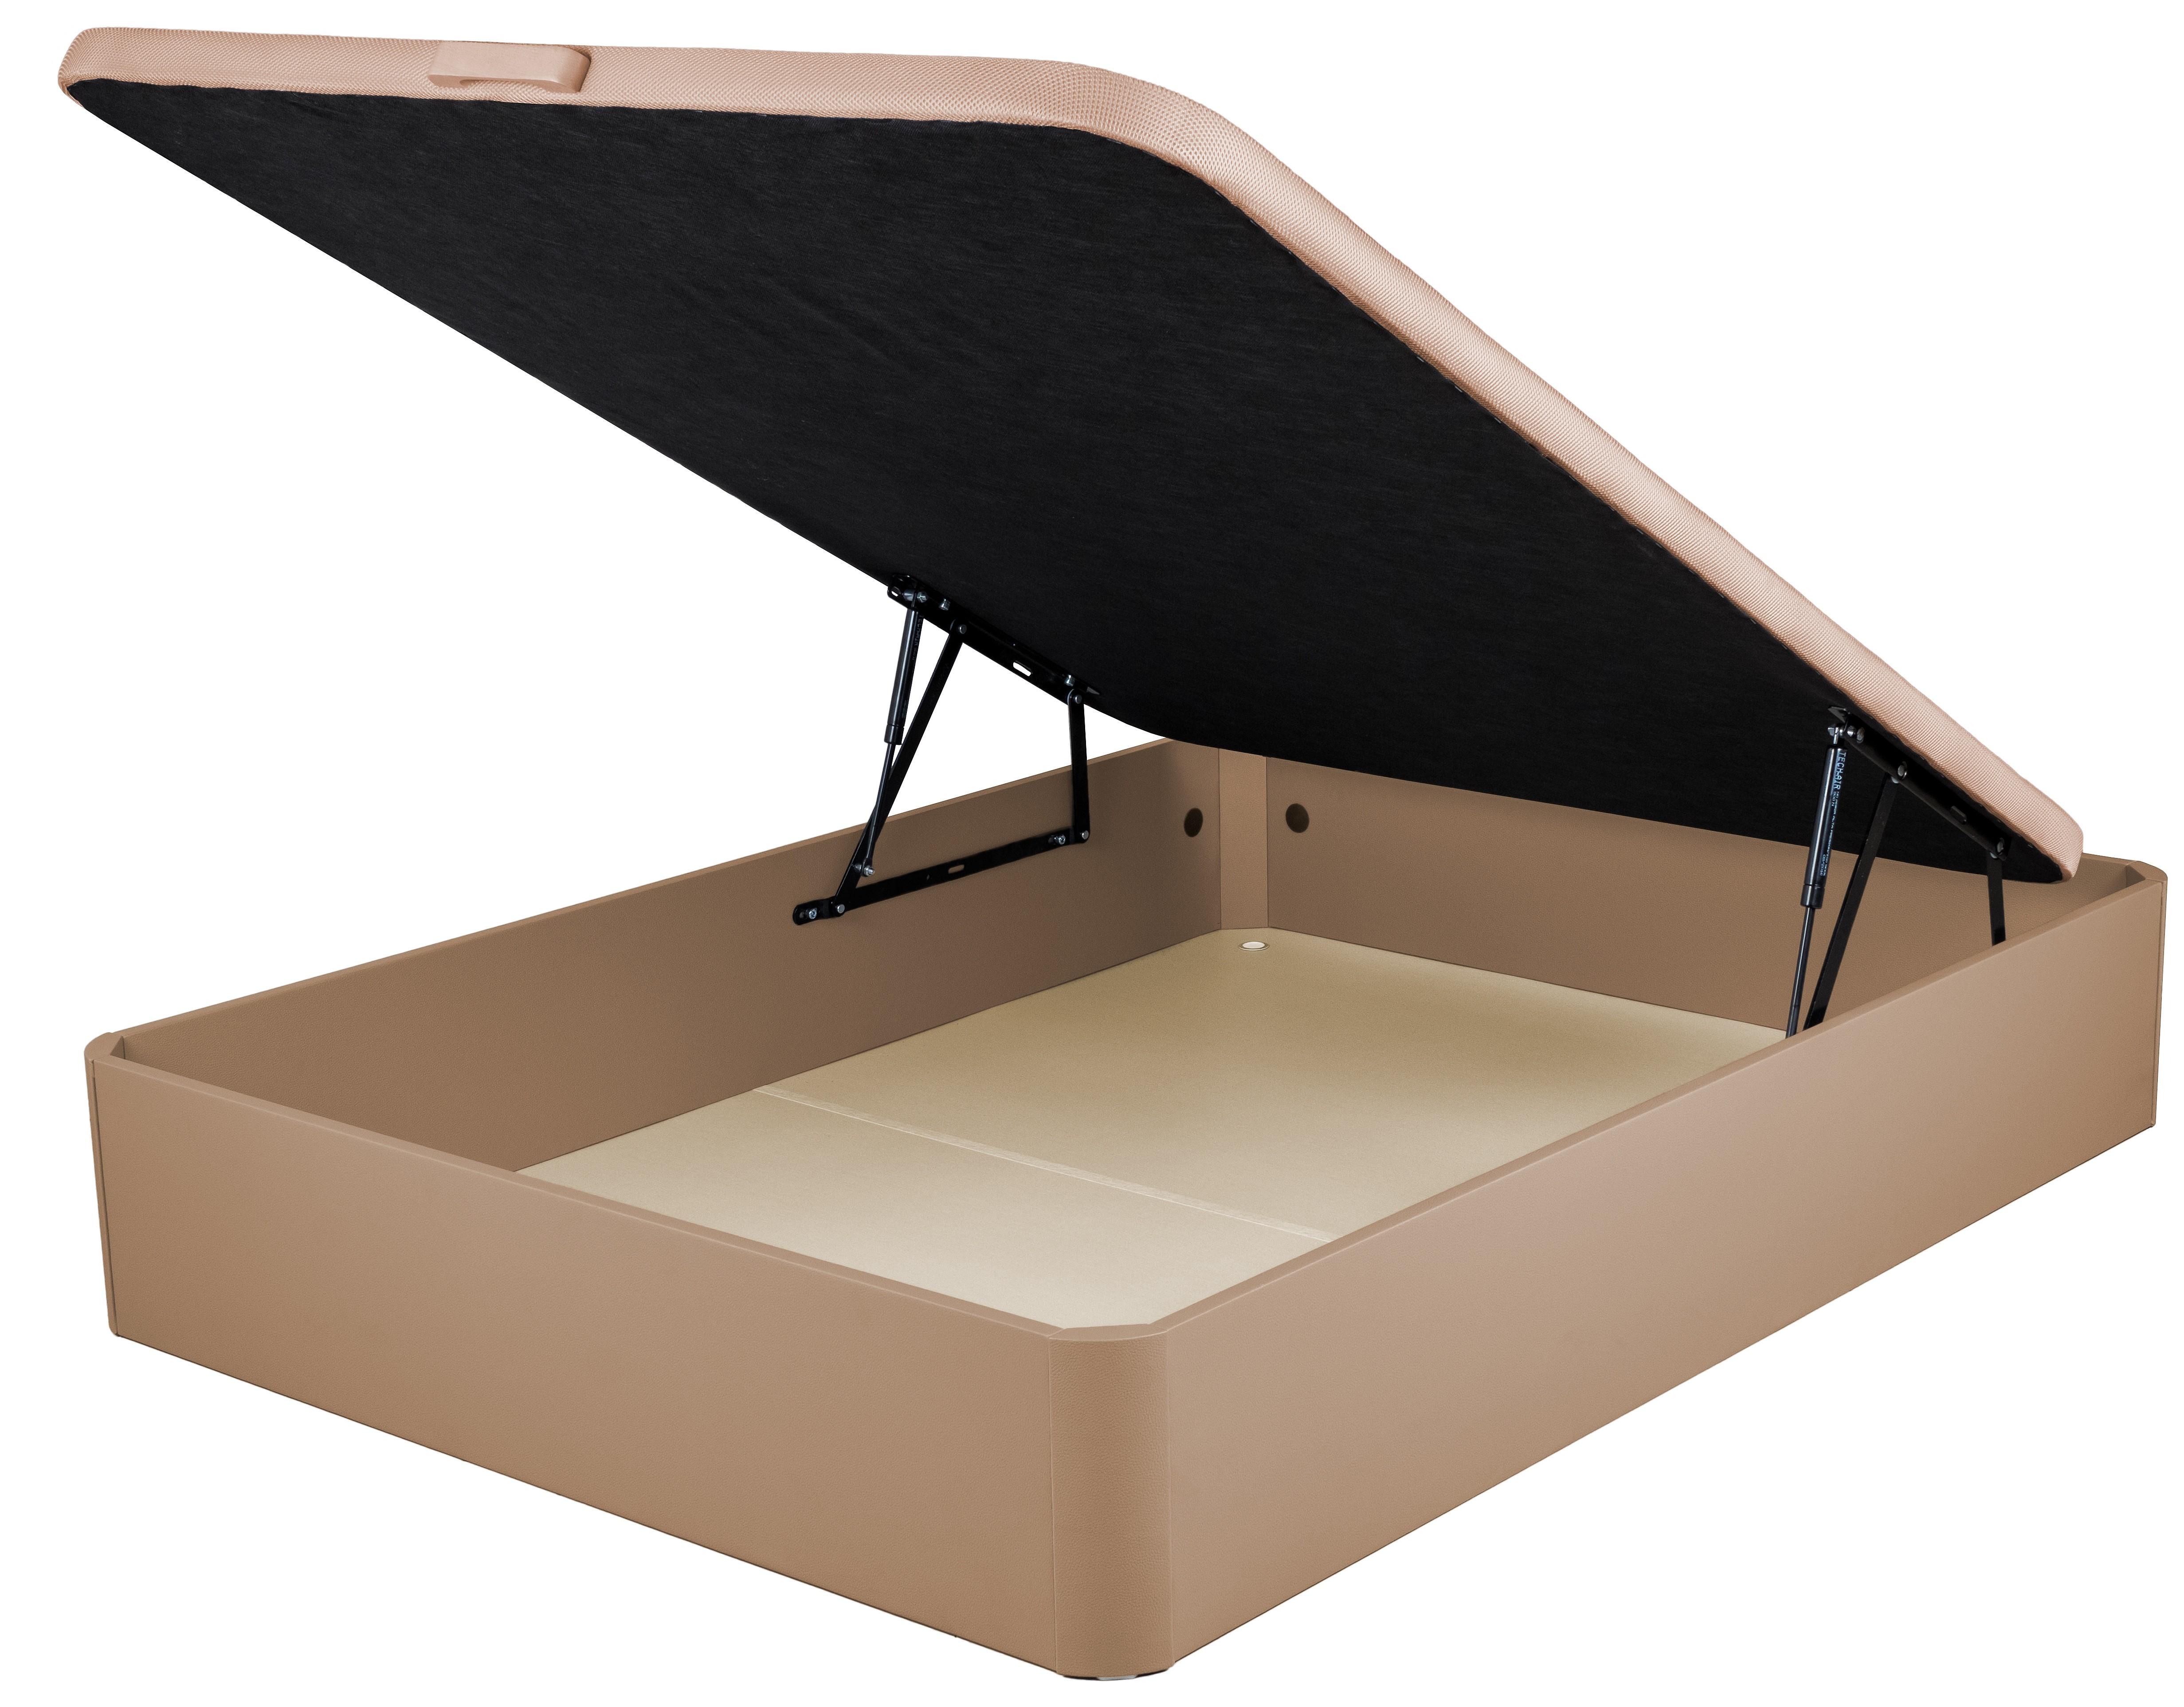 sommier lit coffre simili beige posta 90. Black Bedroom Furniture Sets. Home Design Ideas